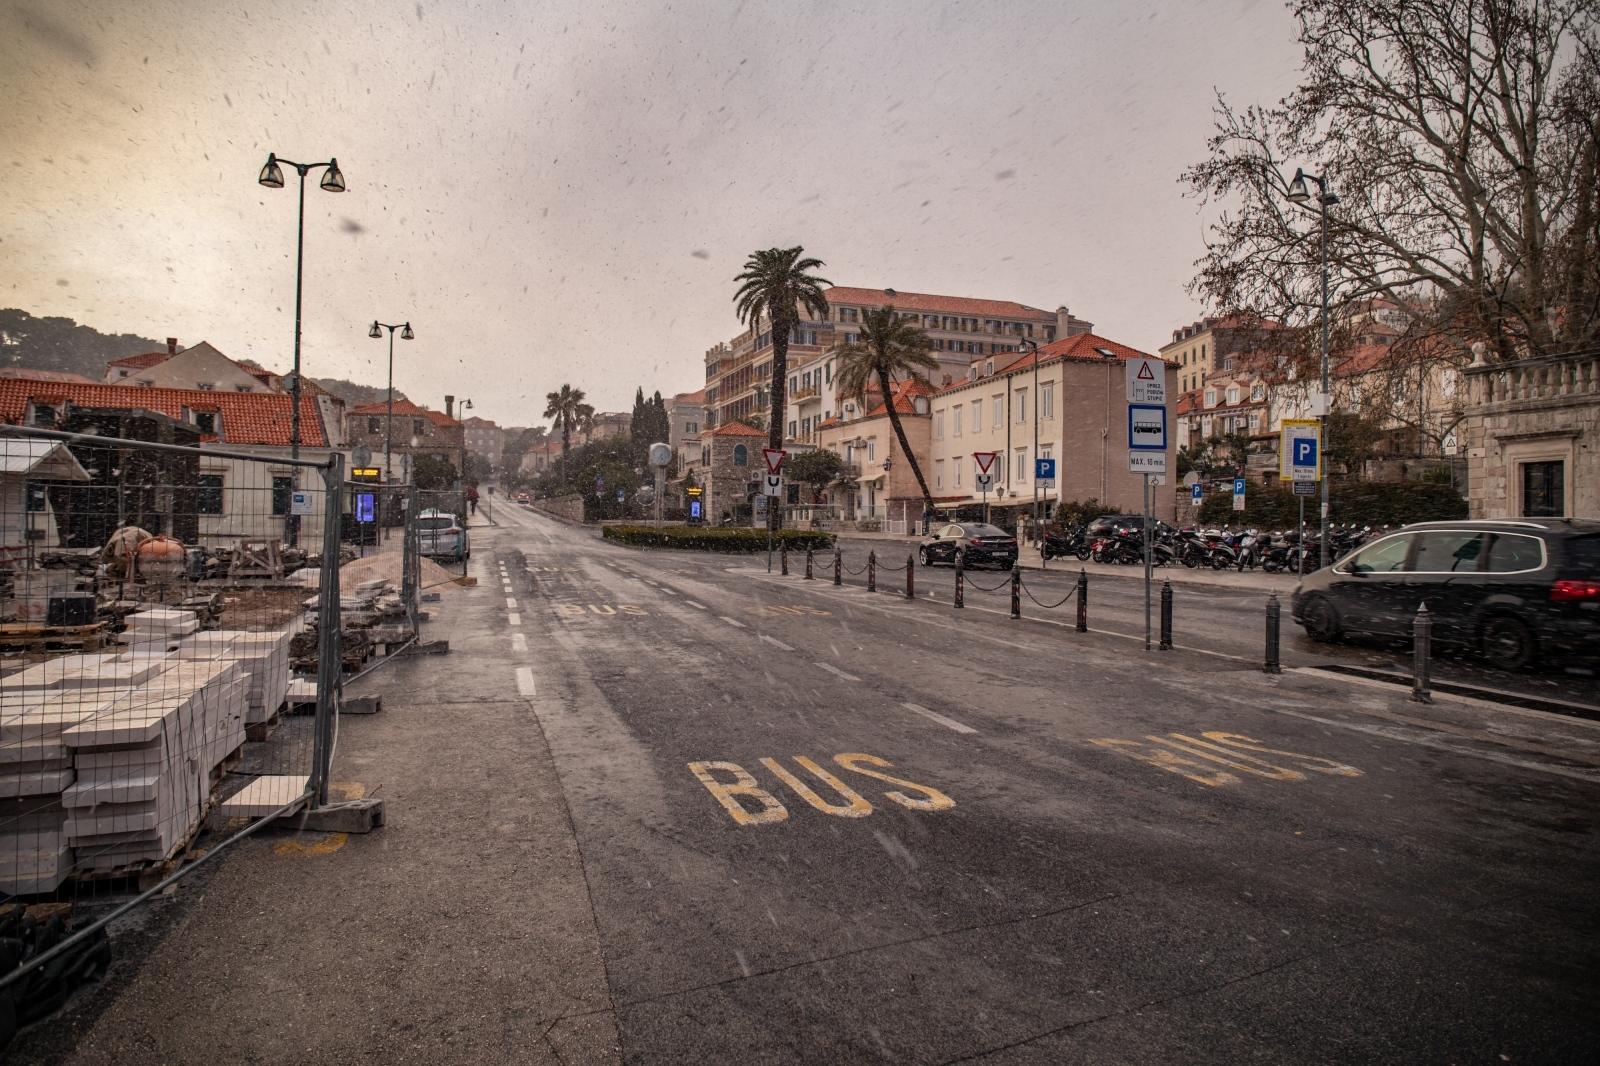 U Dubrovniku je danas počeo padati snijeg, nakon što su dnevne temperature naglo pale.